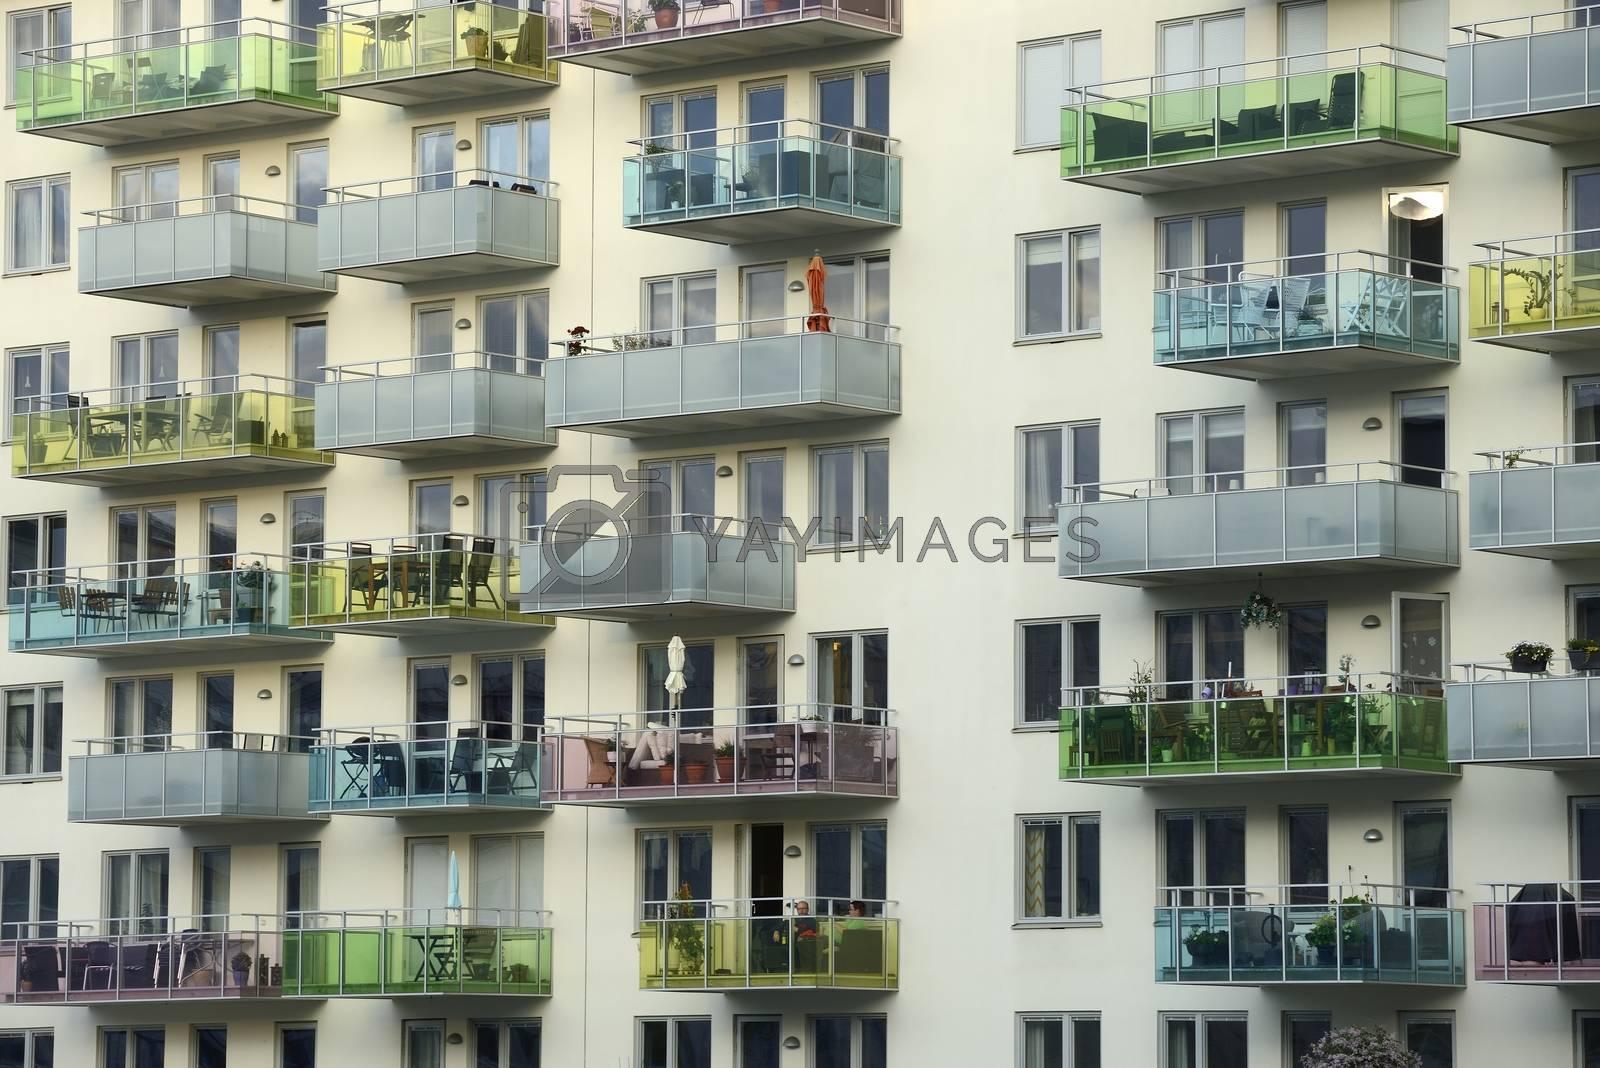 Closeup of modern apartment building